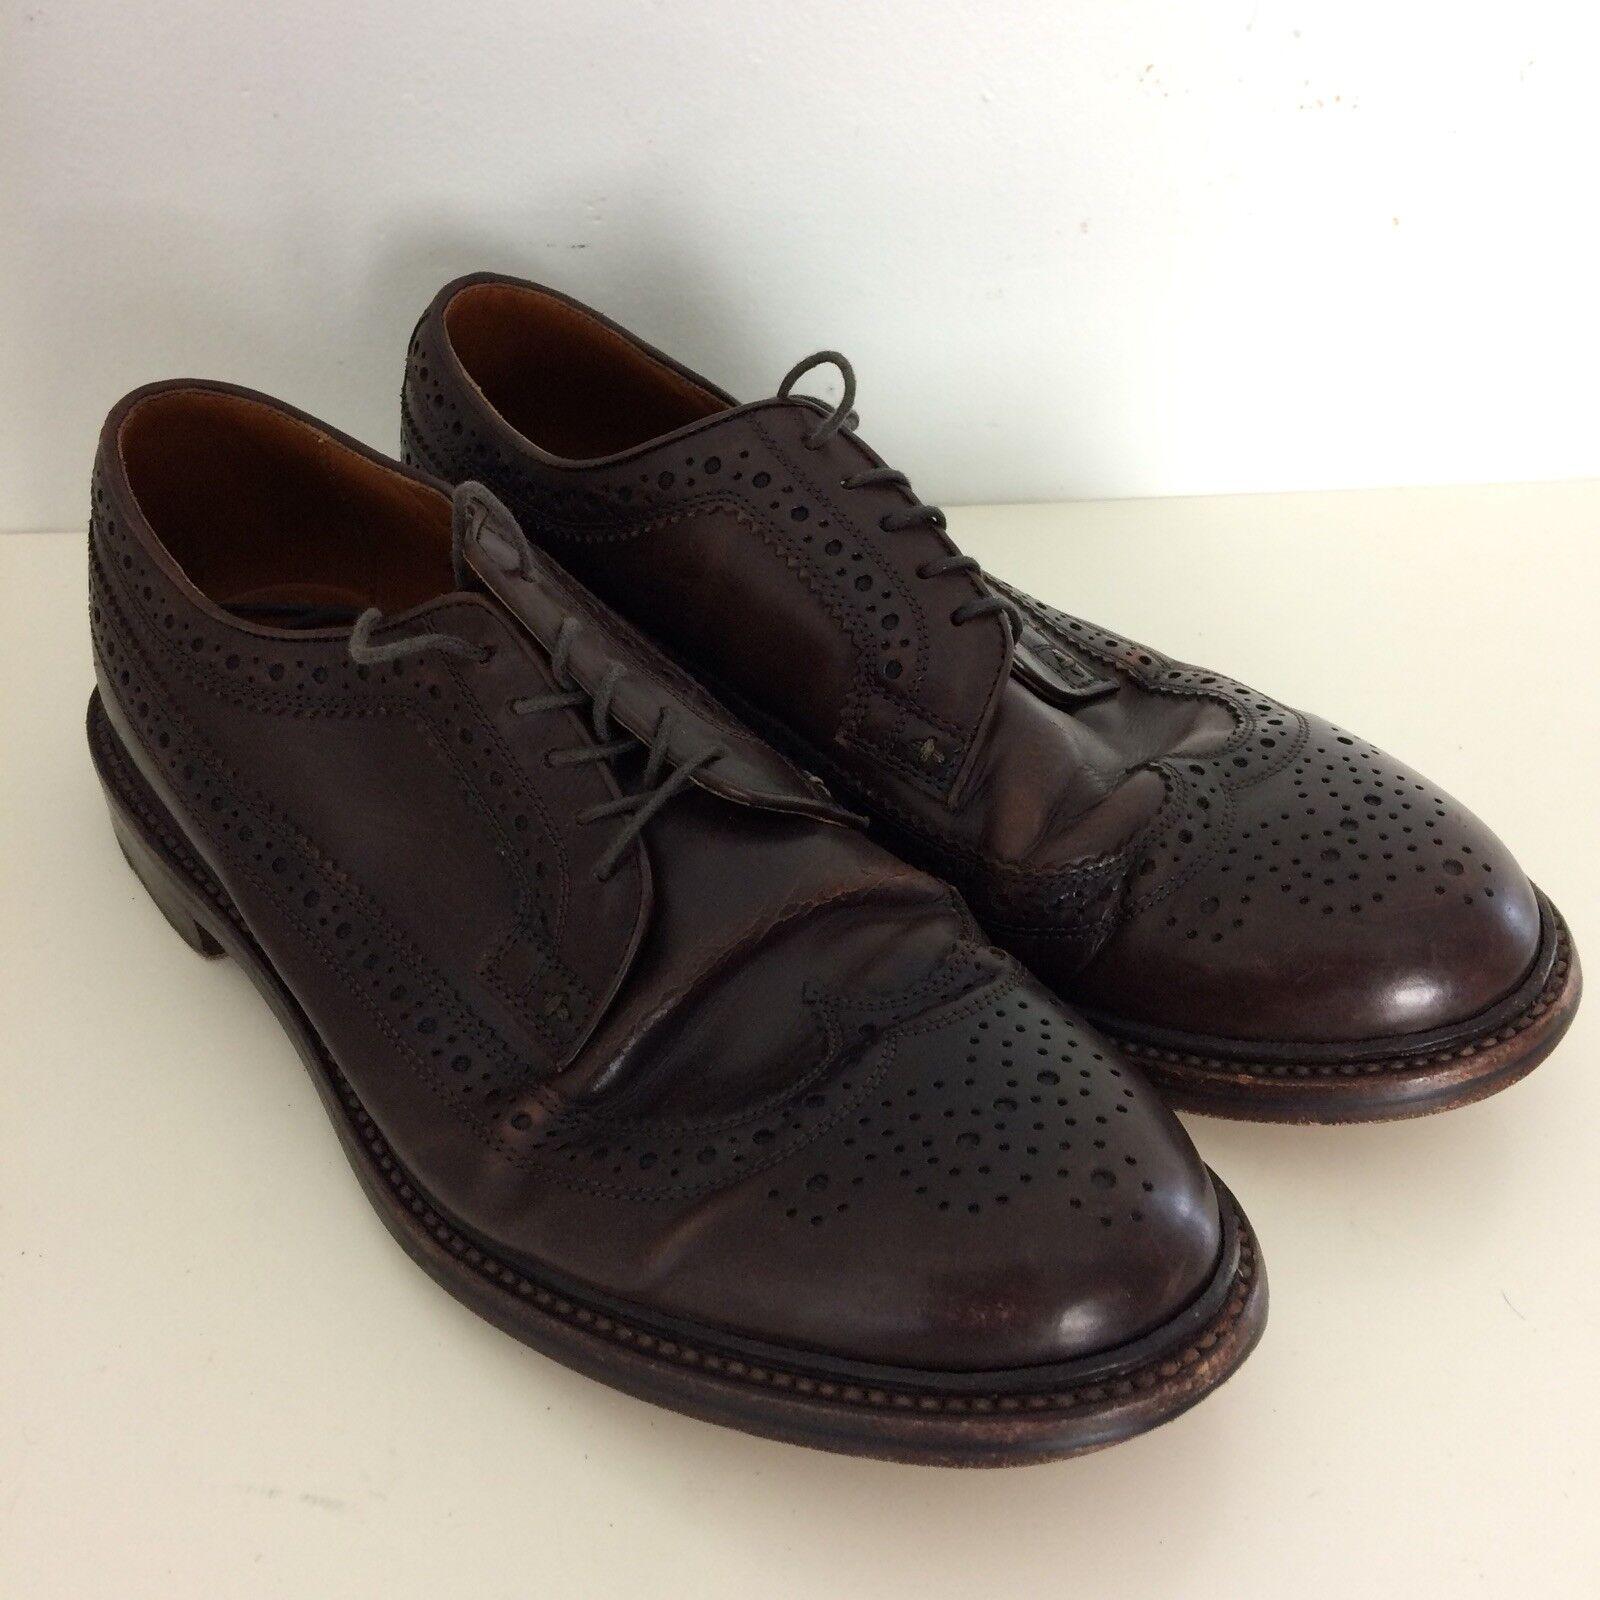 J. Crew Ludlow Hombre Cuero Marrón Cuero Italiano extremos del ala Vestido Zapato D